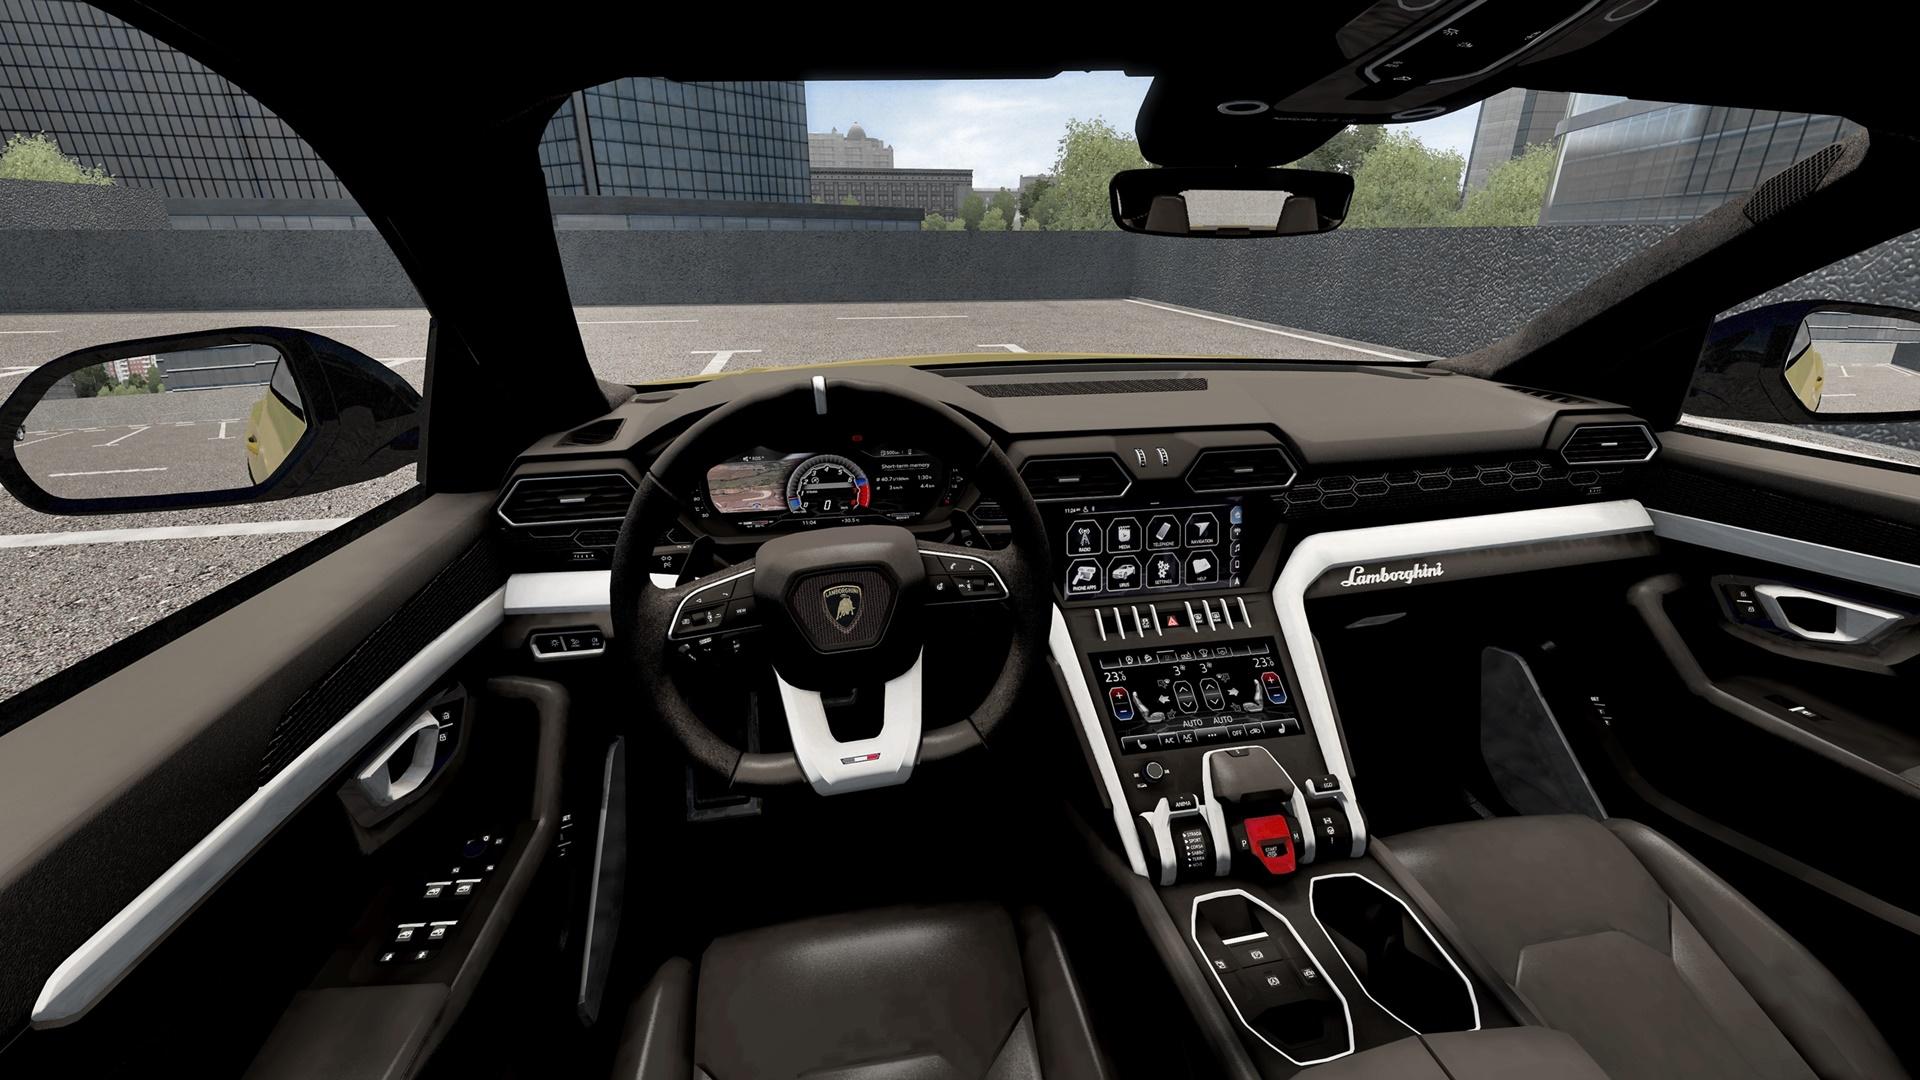 City Car Driving 1.5.8 - Lamborghini Urus 2018